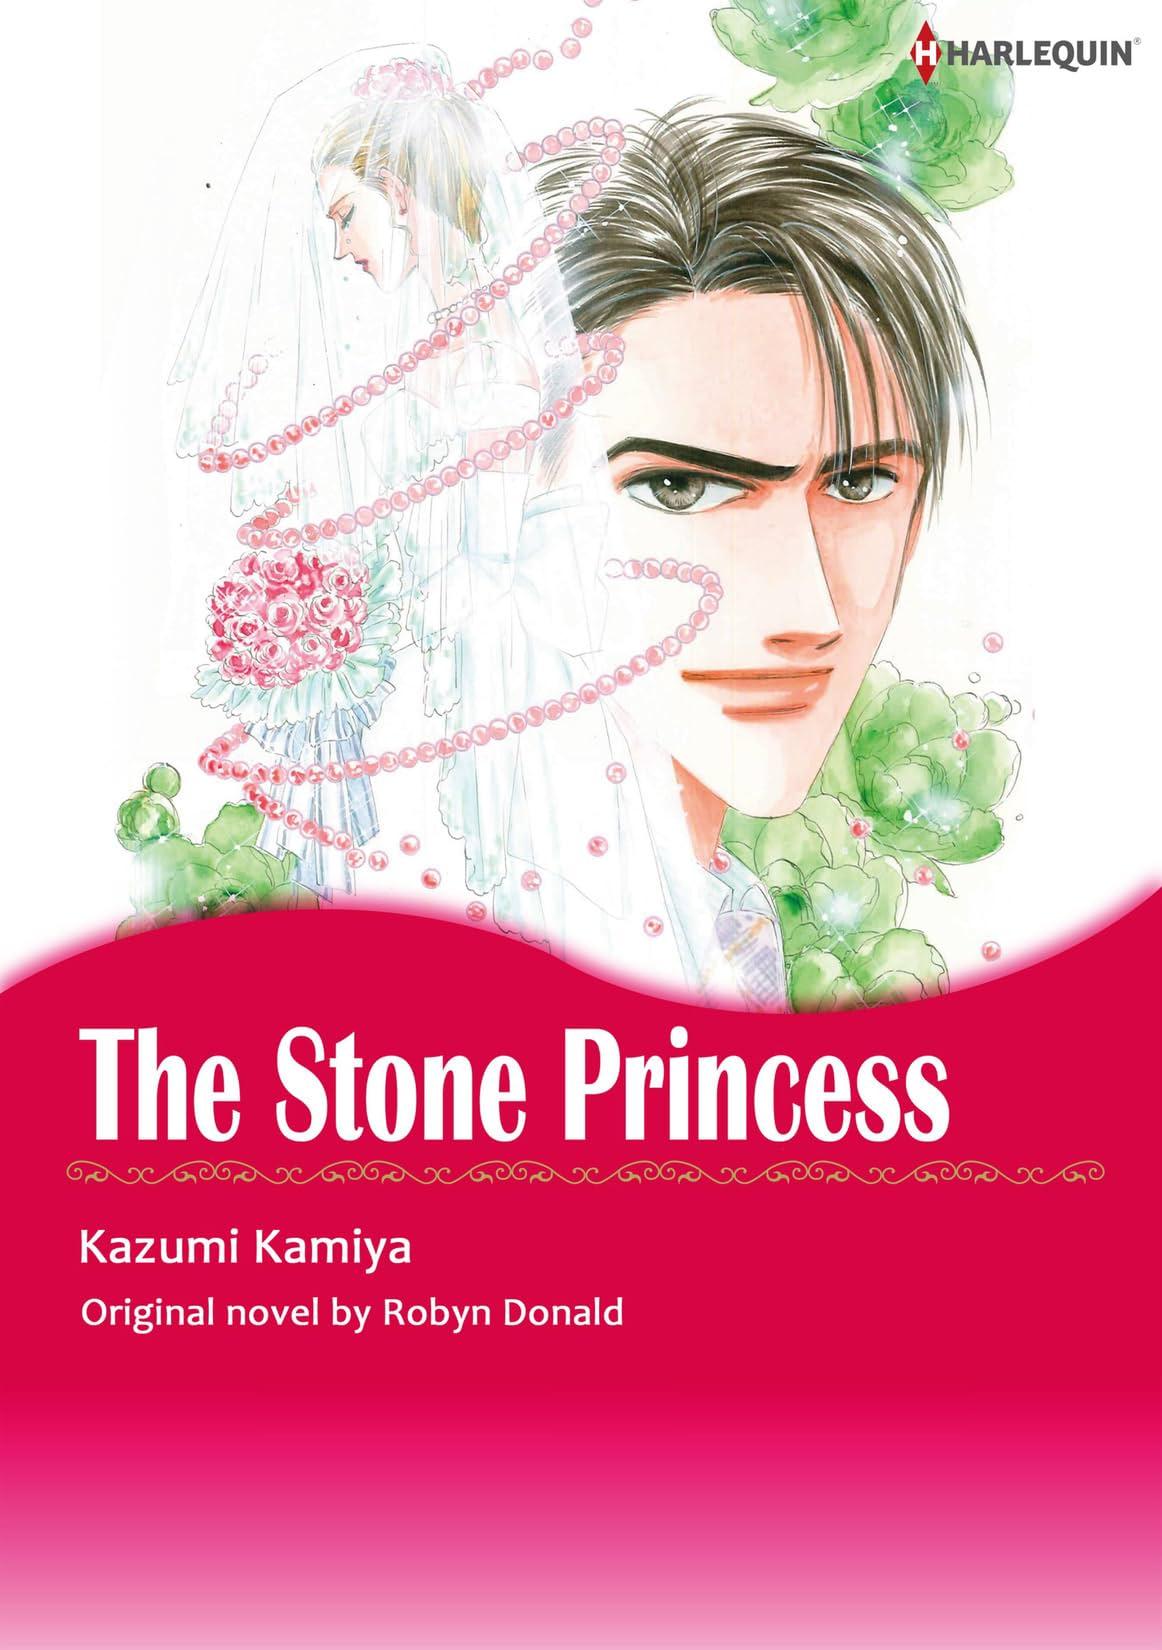 The Stone Princess